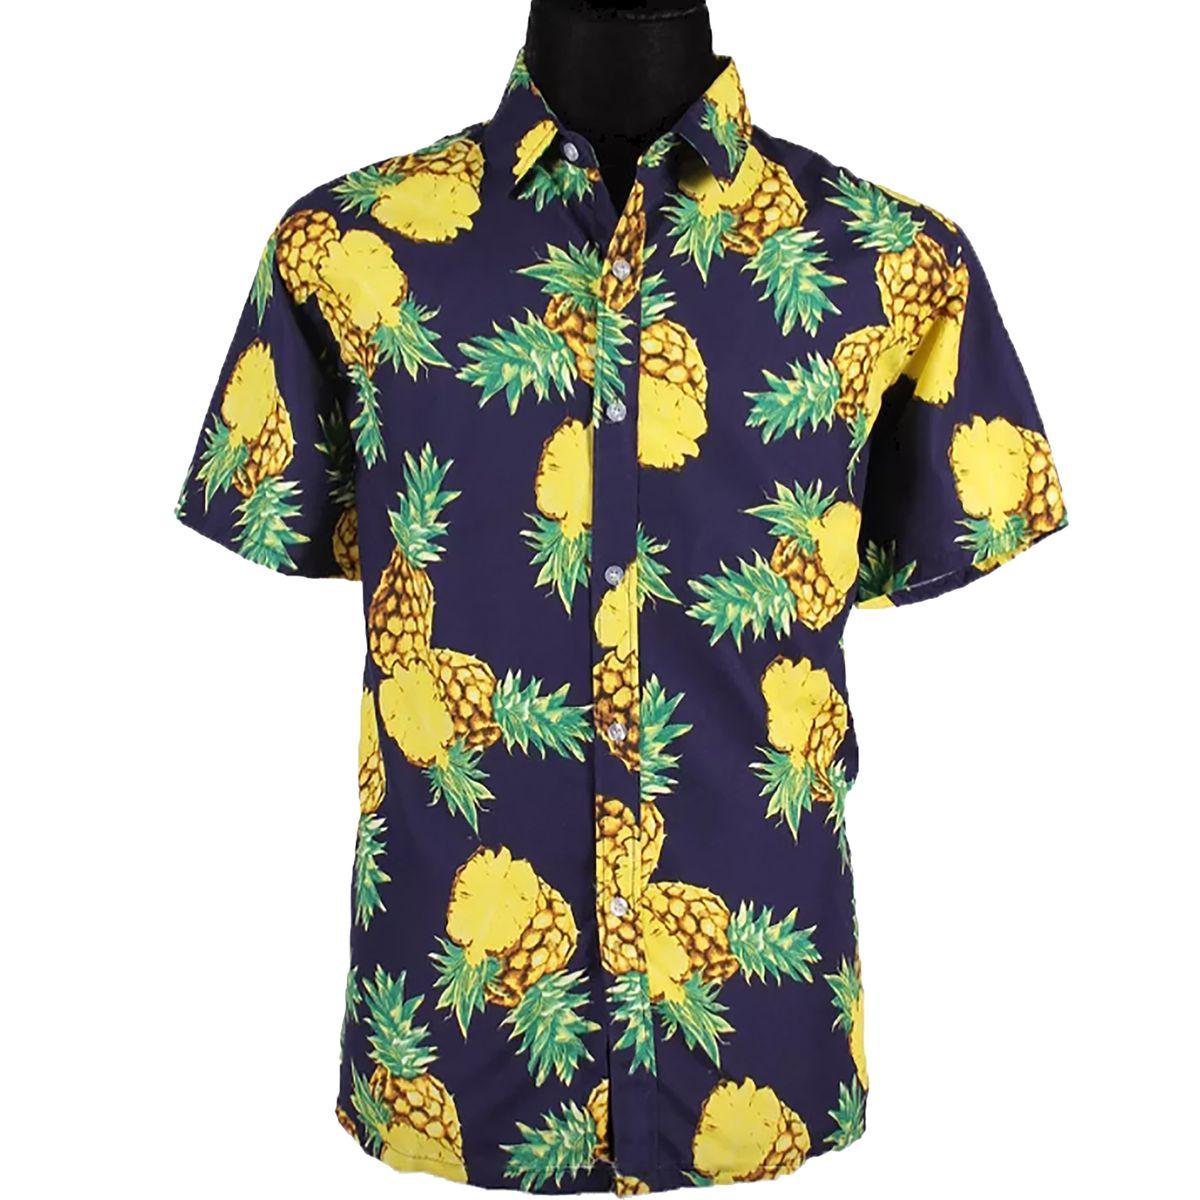 Sommer Herren Hawaiihemd mit Ananas-Motiv Gr. M-XXXL schwarz lässiges Urlaubs-Outfit